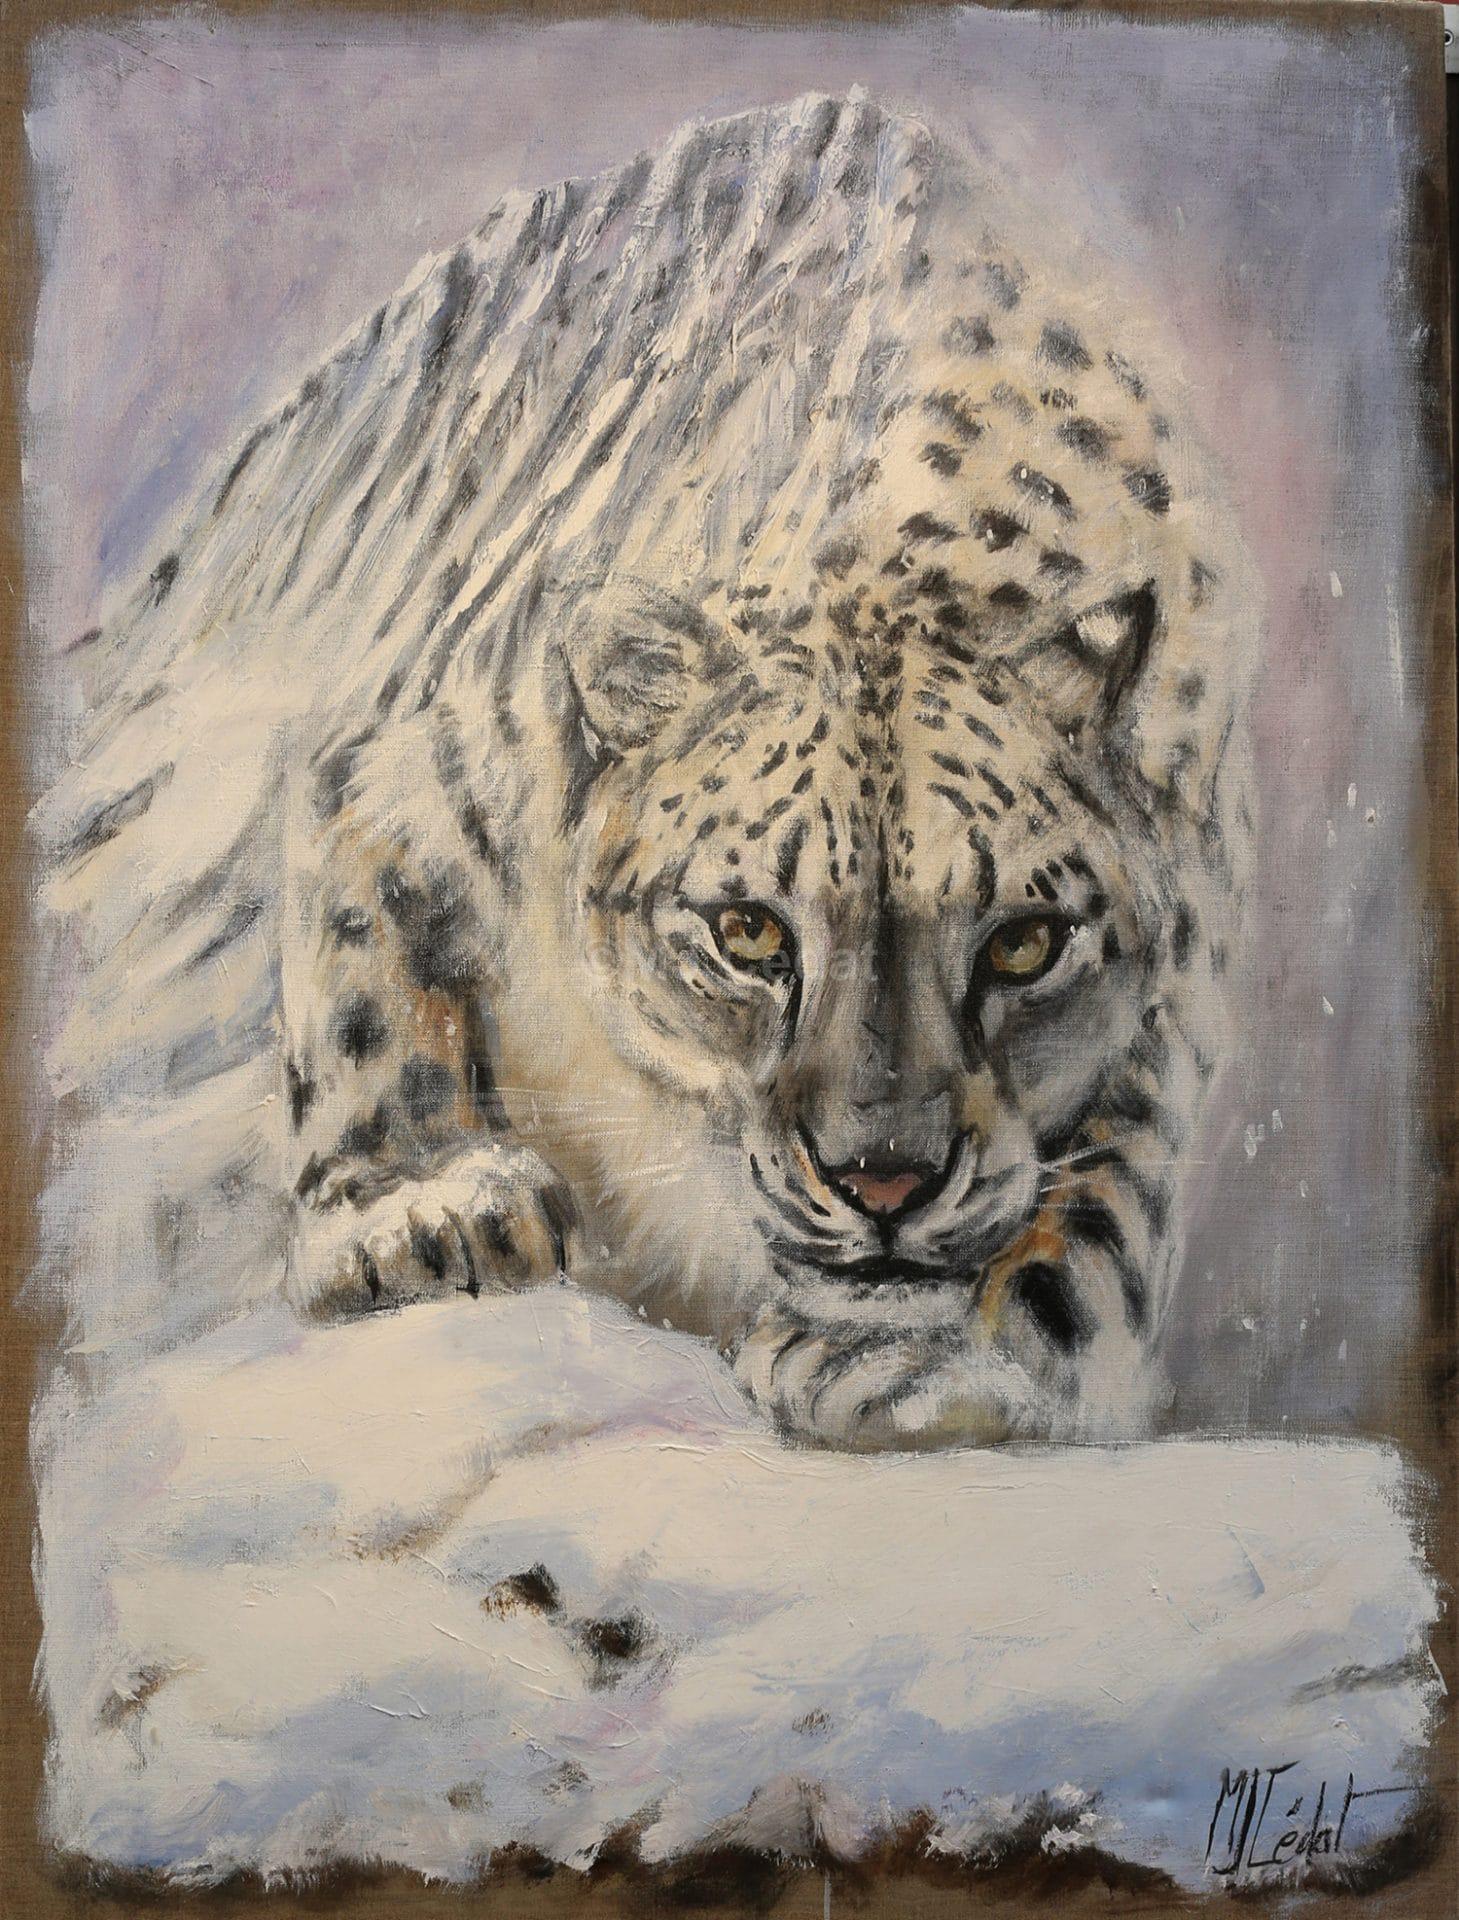 La montagne lui appartient - Acrylique sur lin brut - 130 x 90 cm - Vendu